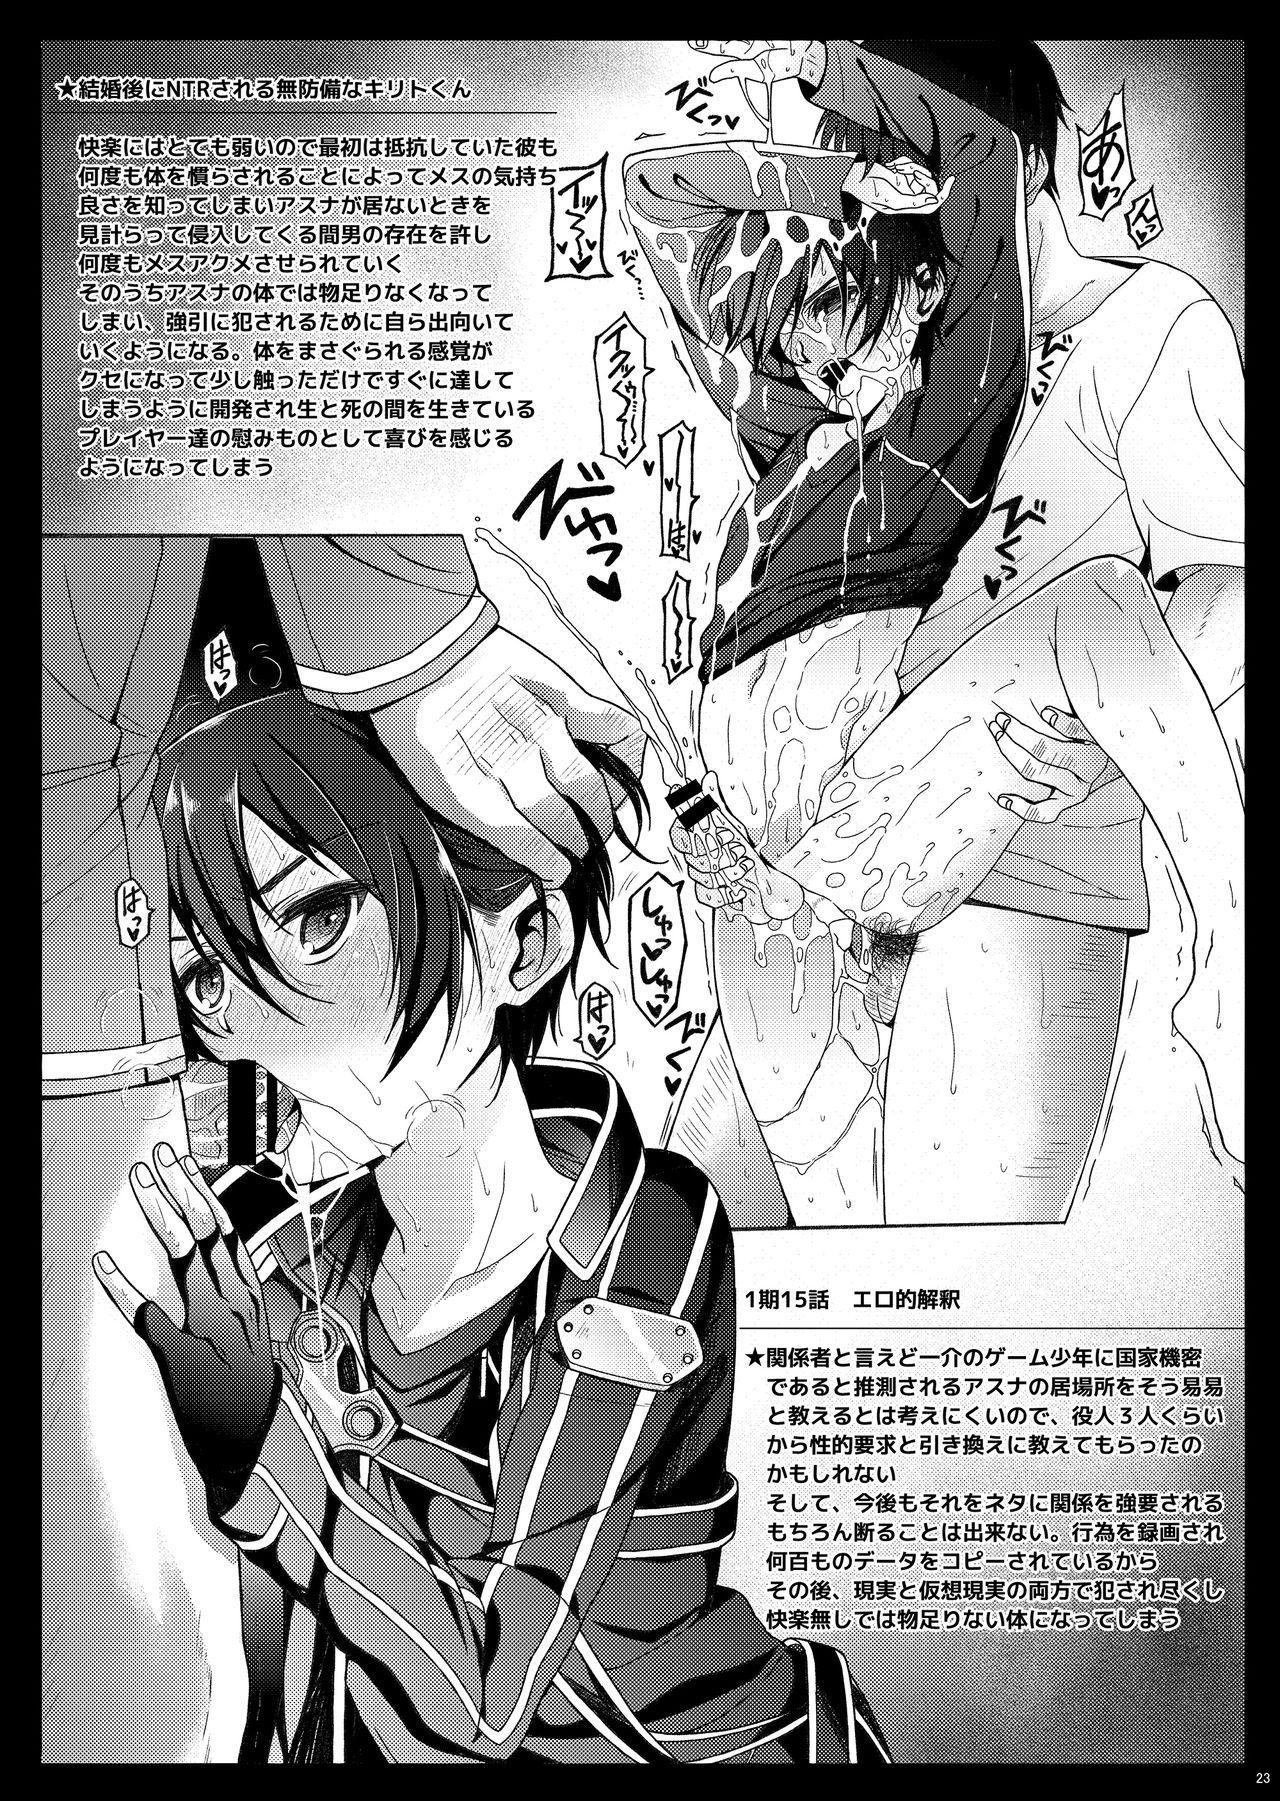 Kuro no Kenshi Ryoujoku 23